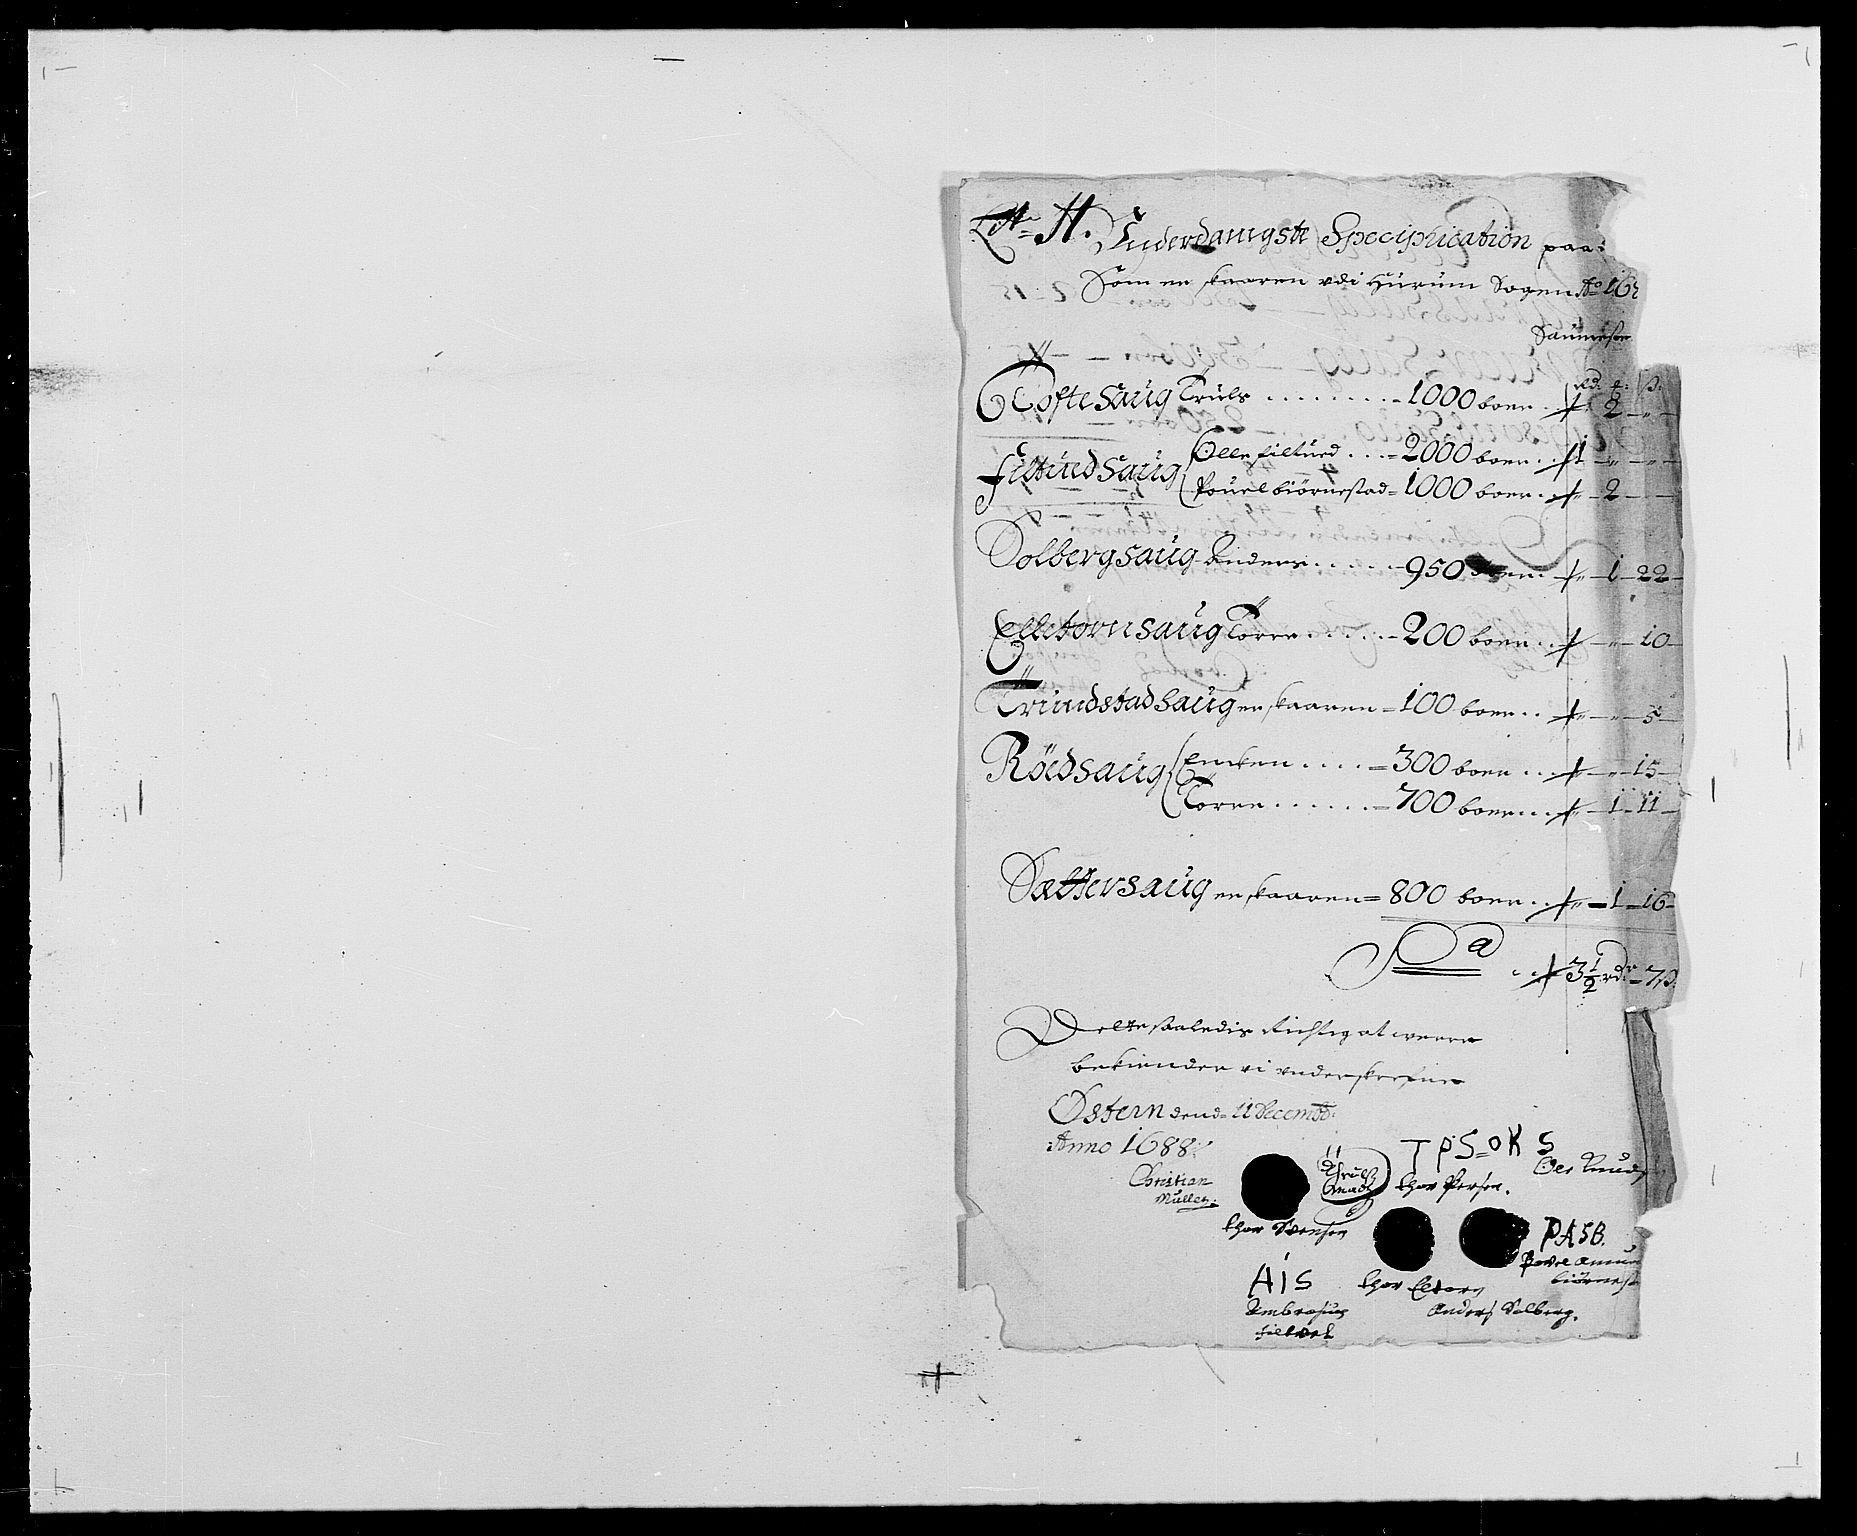 RA, Rentekammeret inntil 1814, Reviderte regnskaper, Fogderegnskap, R29/L1693: Fogderegnskap Hurum og Røyken, 1688-1693, s. 83